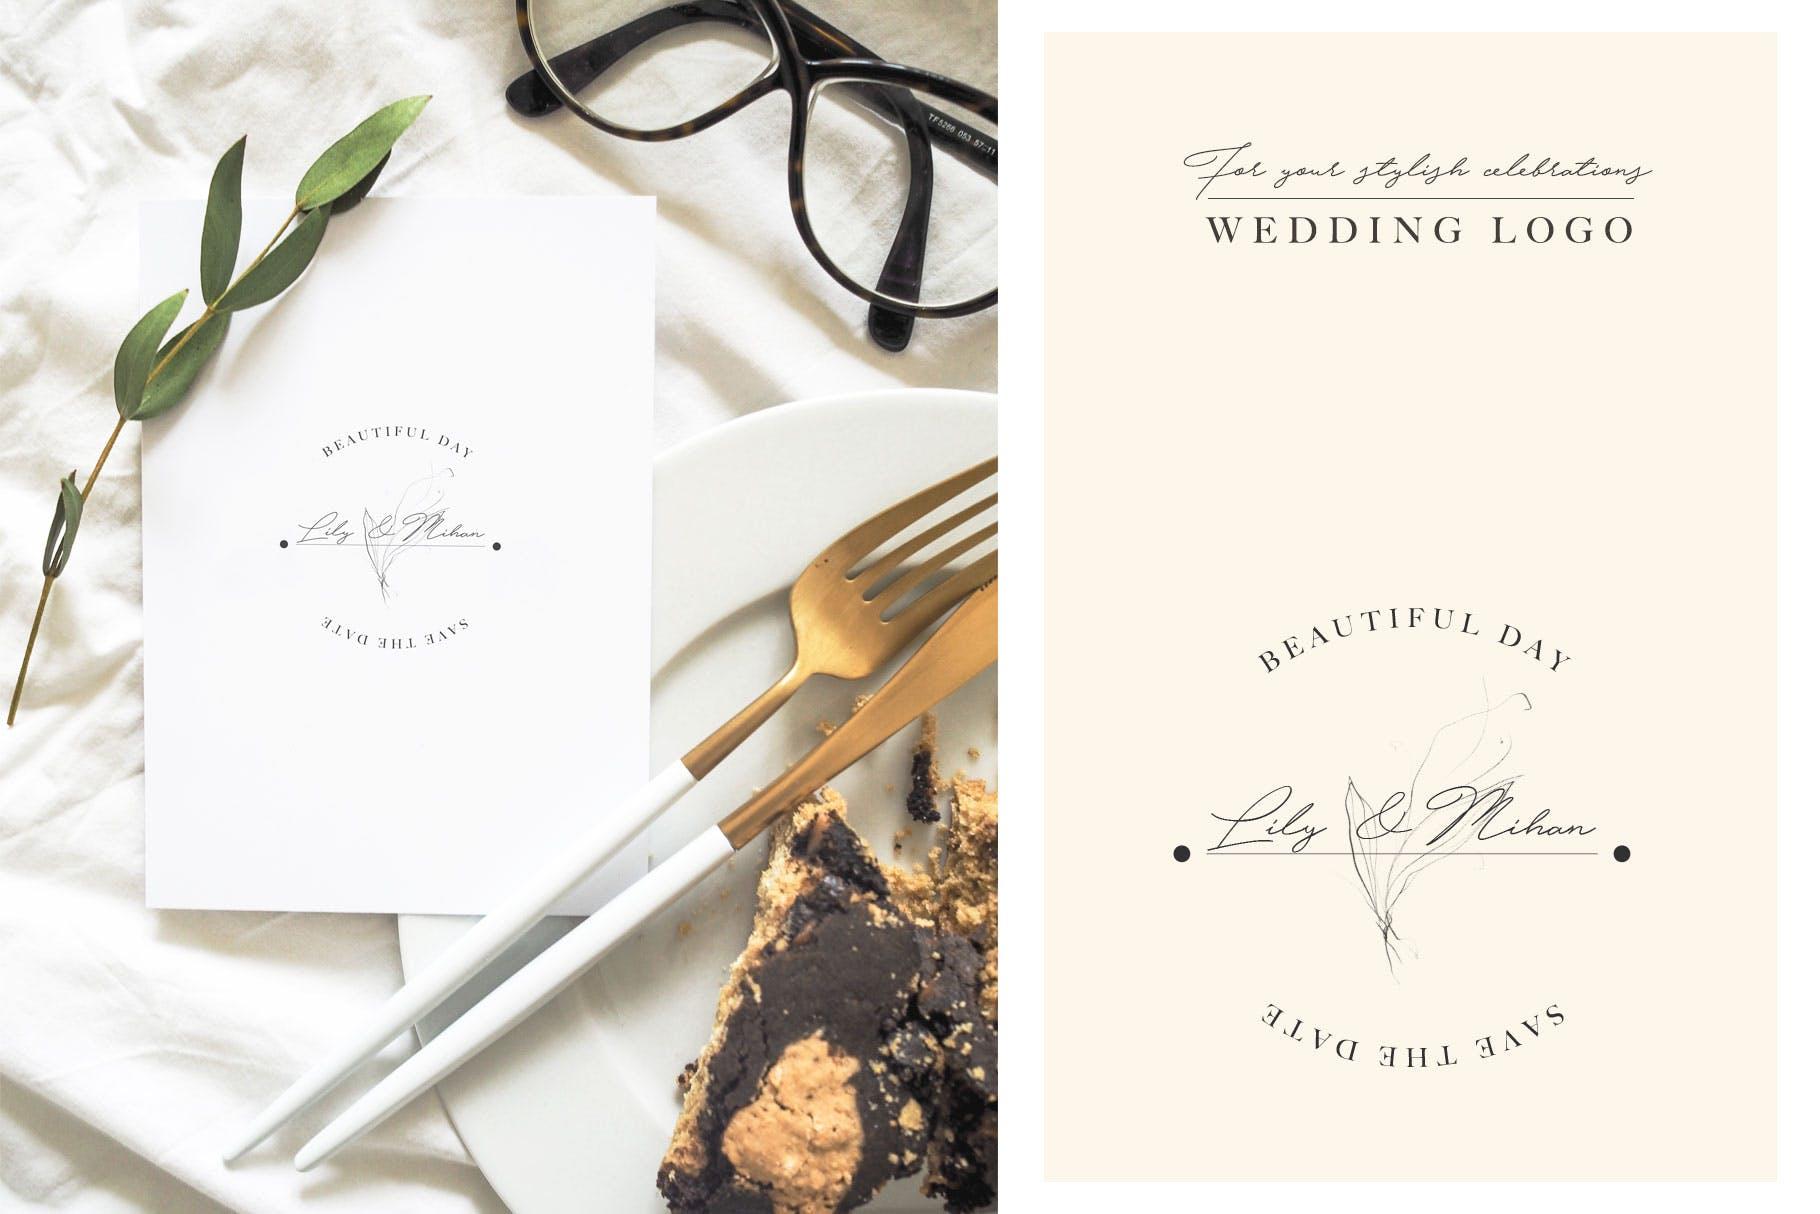 优秀的石墨仿铅笔图形组图案花纹素材Wedding Graphic Logo Pencil Flower插图(1)